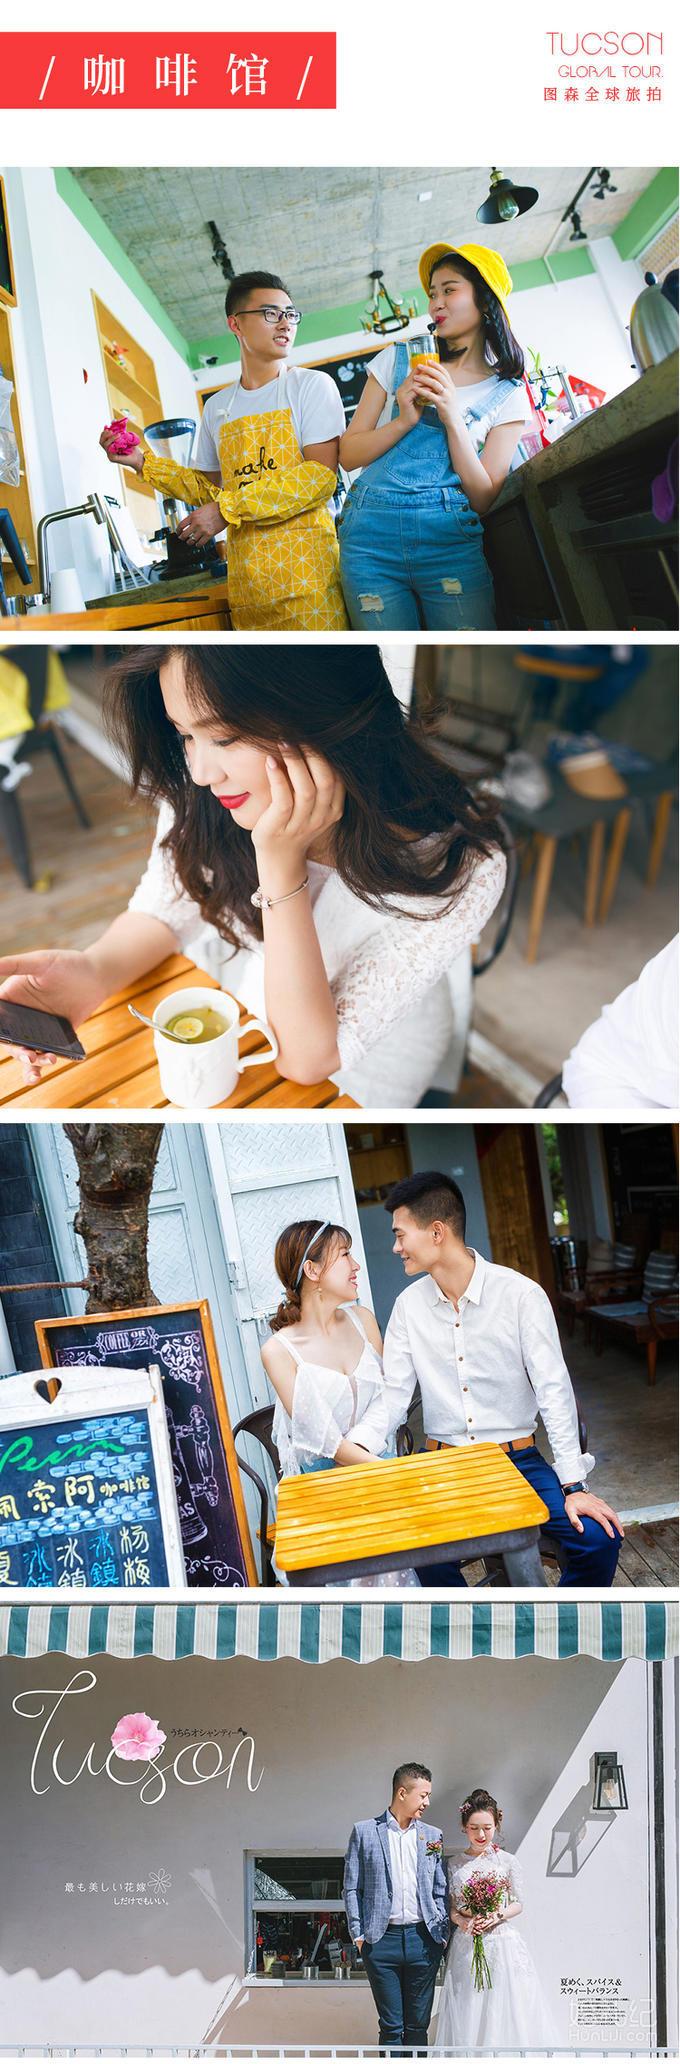 品质【网红酒店】+环洱海任拍+图森基地+别墅客栈